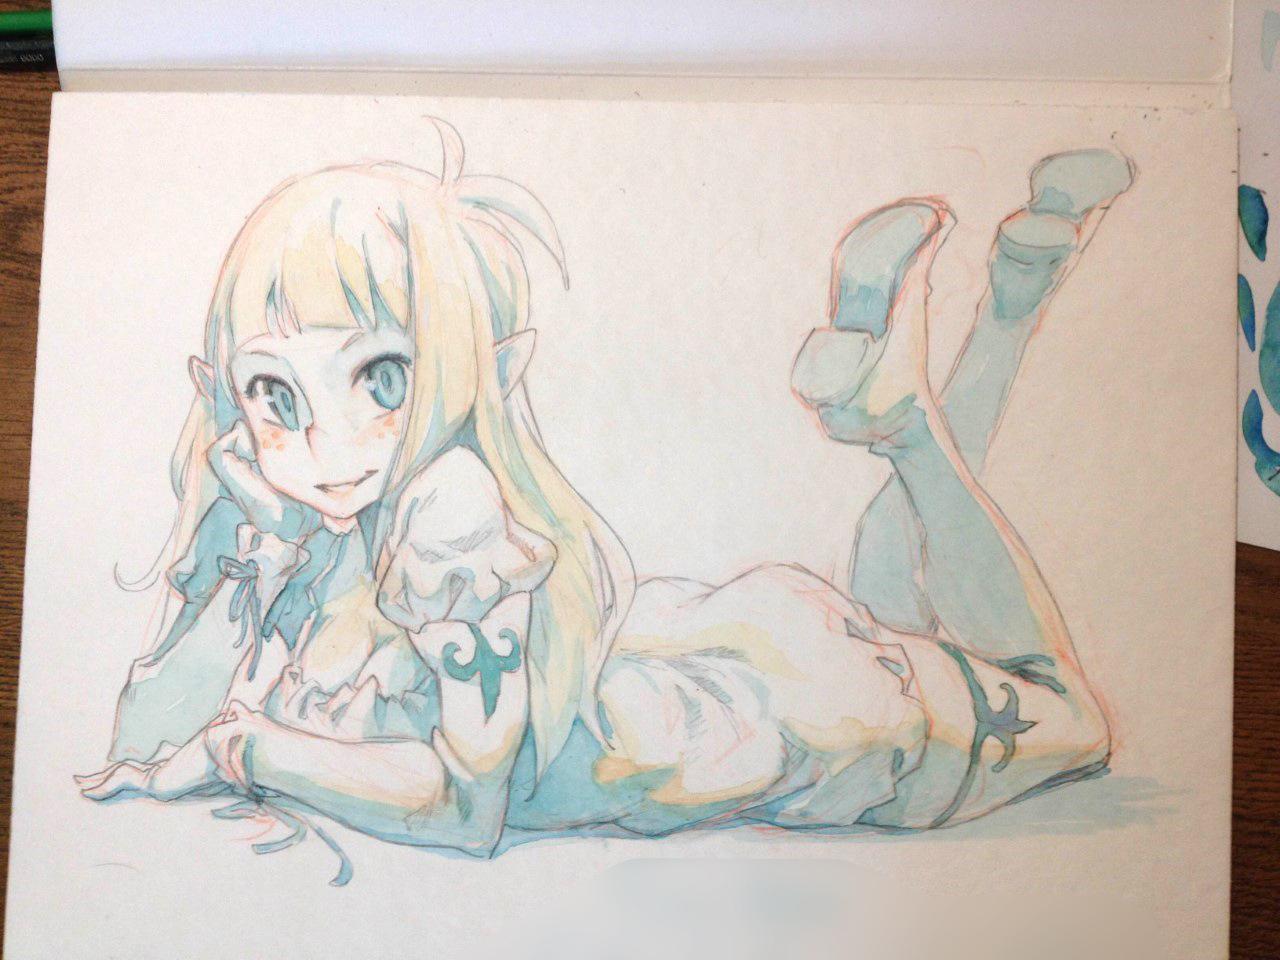 Bakara Watercolor by xa-xa-xa